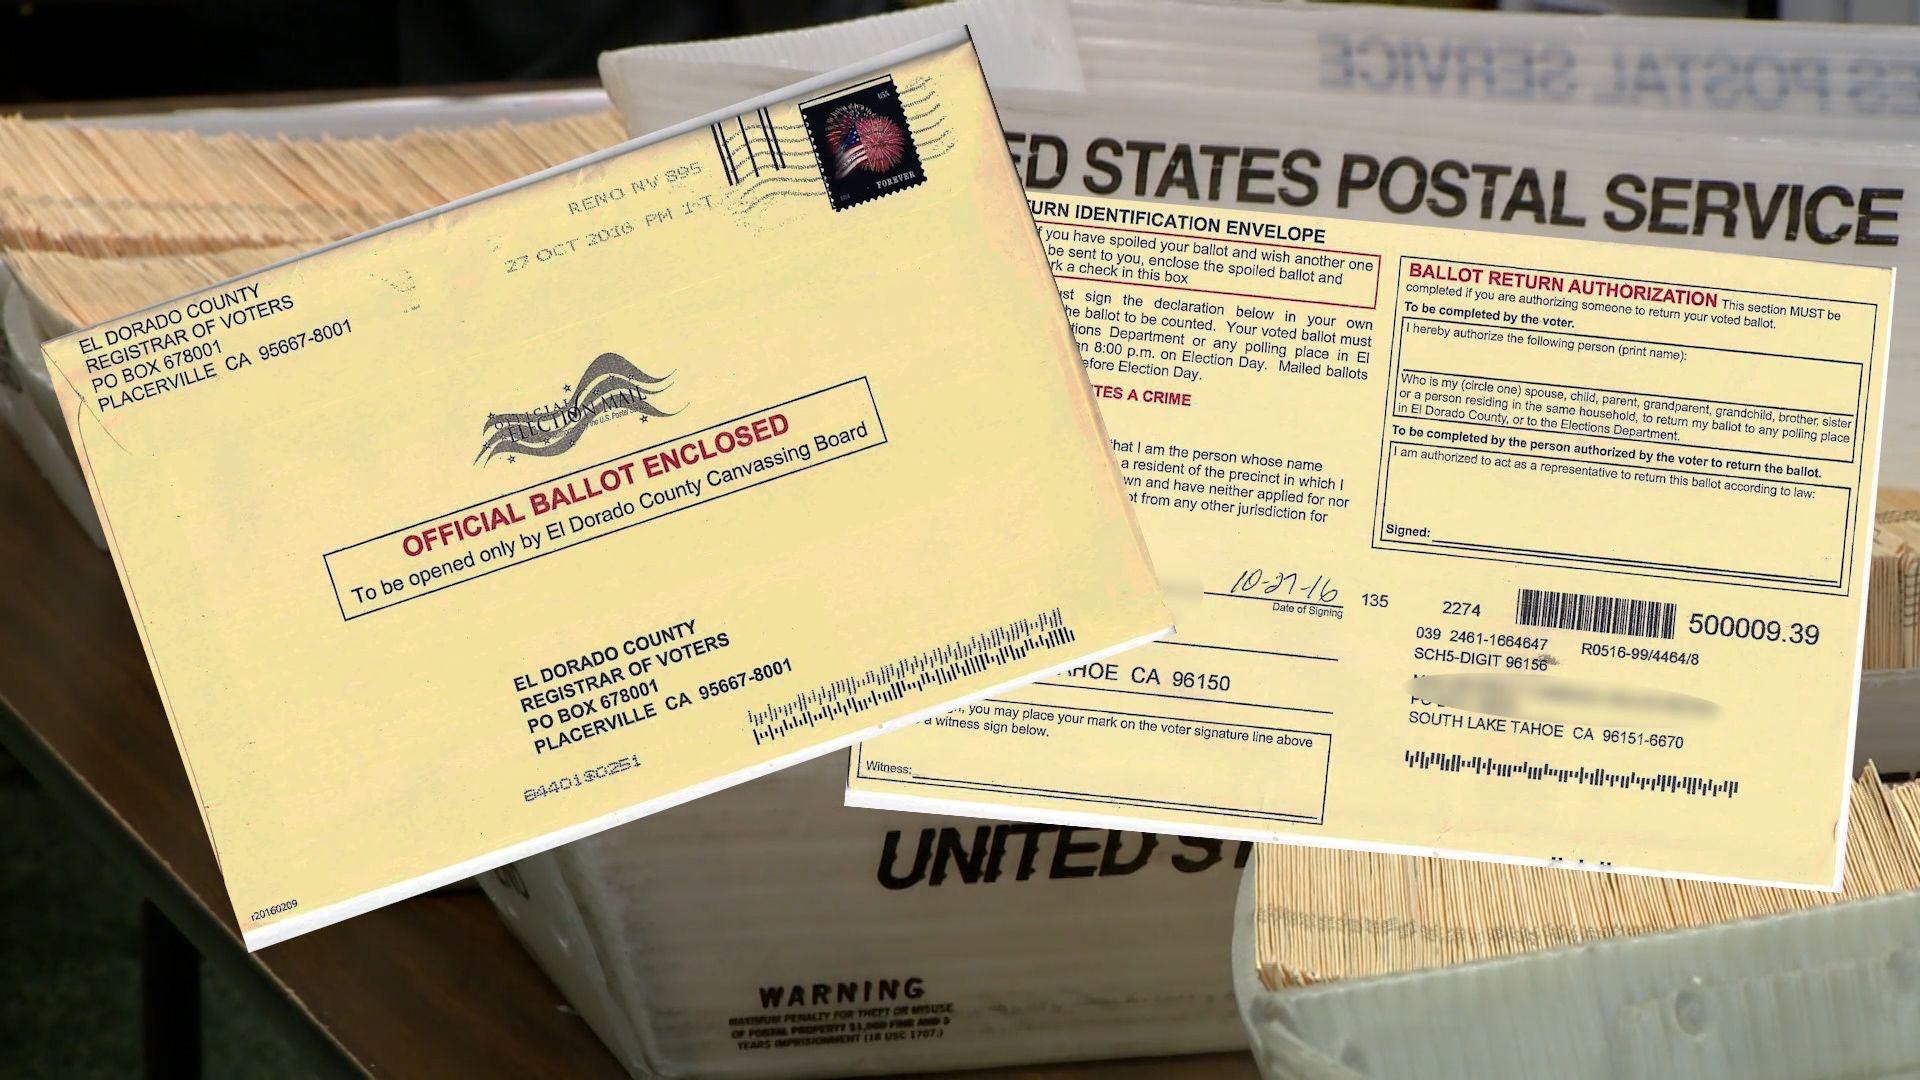 South Lake Tahoe woman's ballot found in Utah